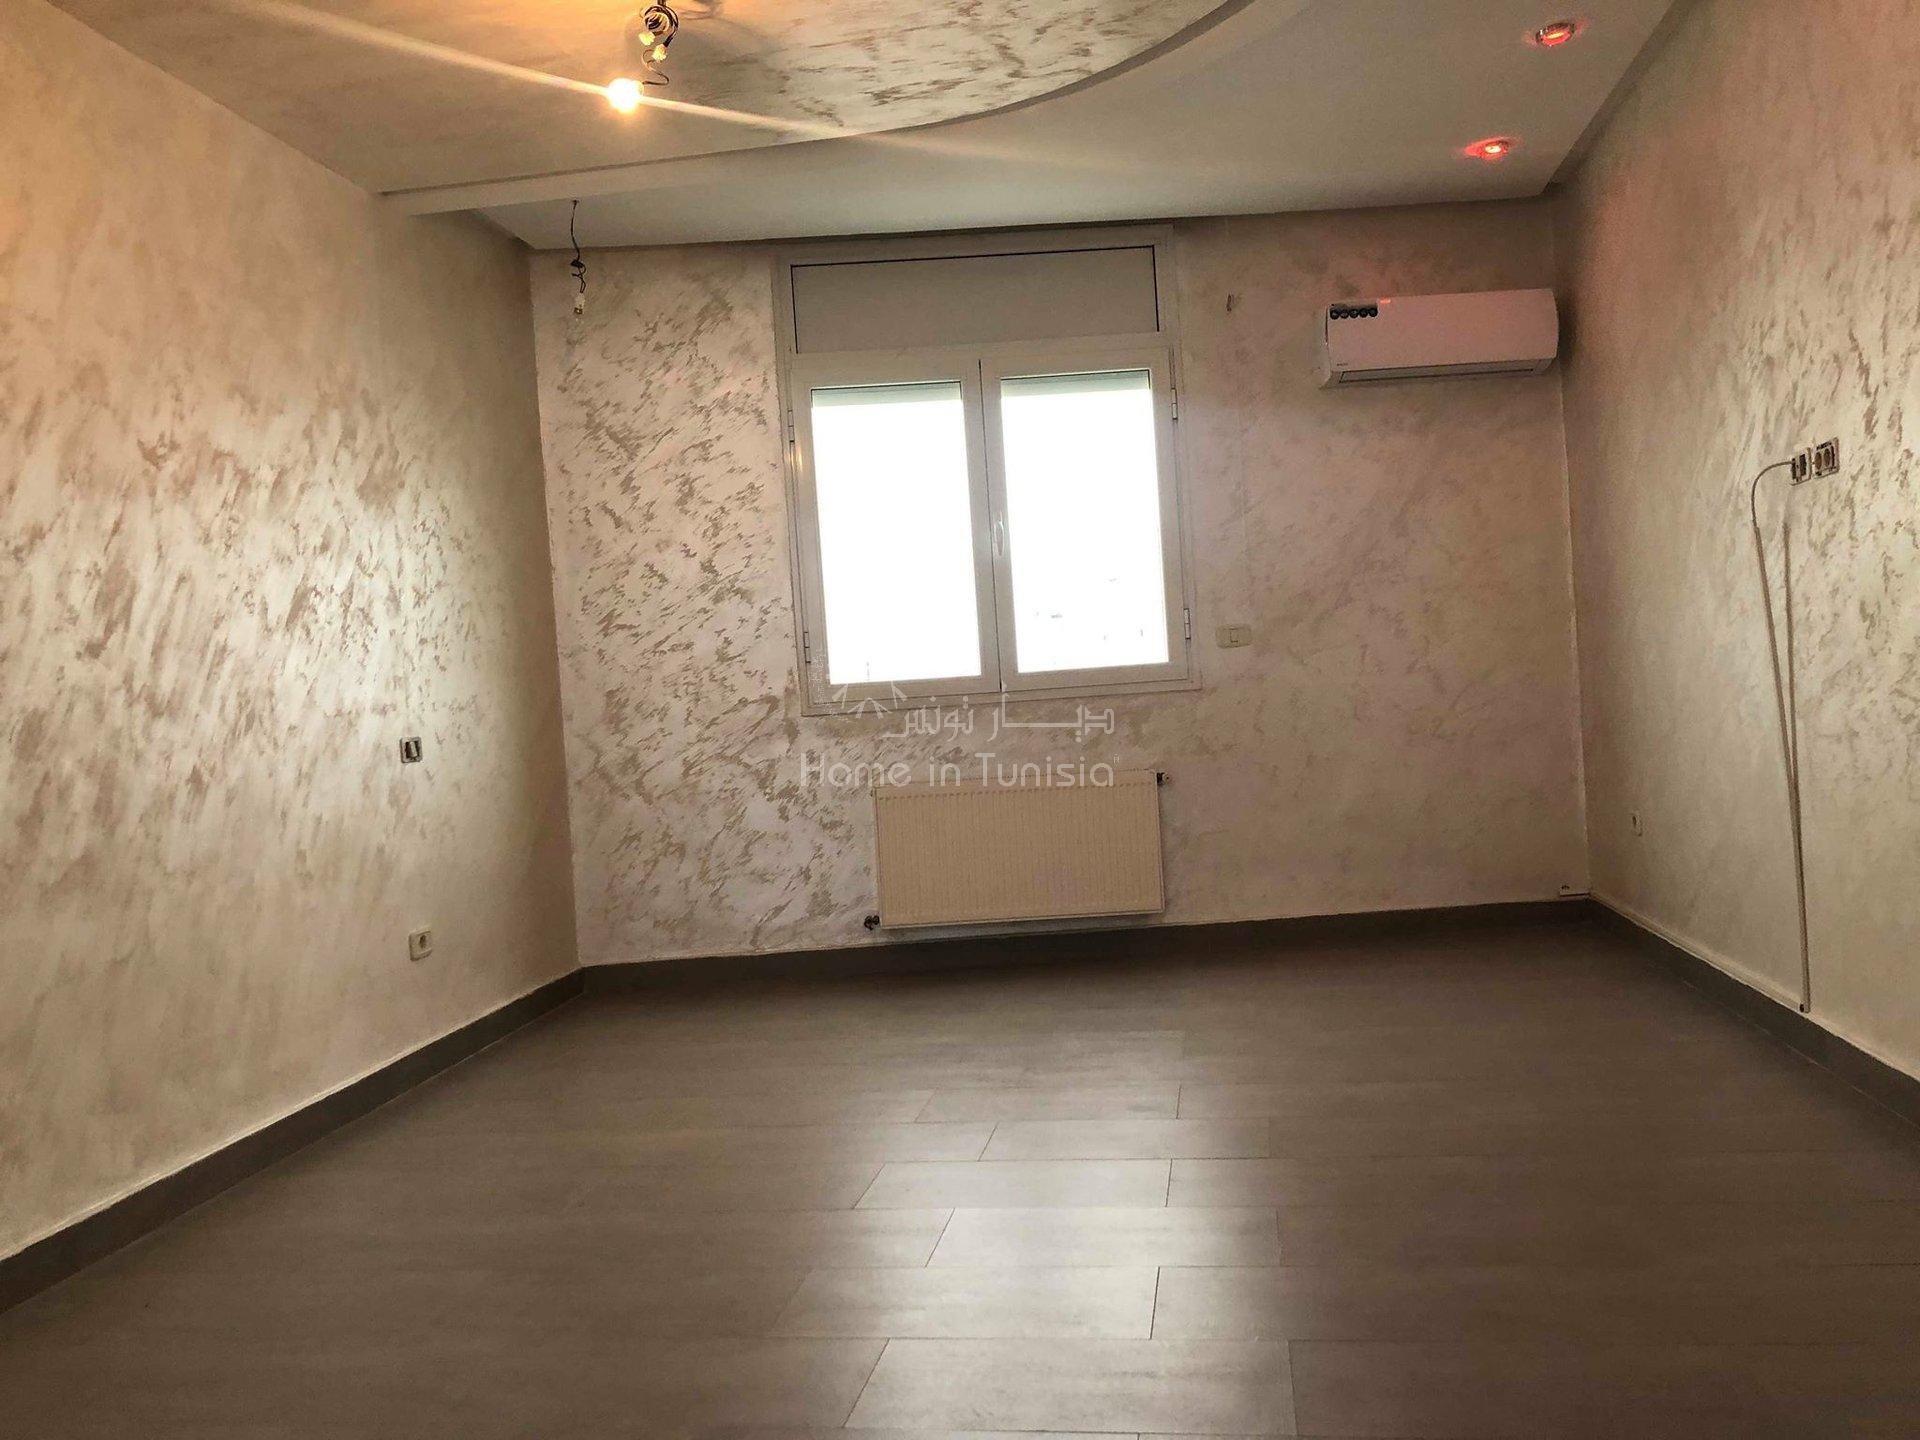 Appartement sur la zone touristique